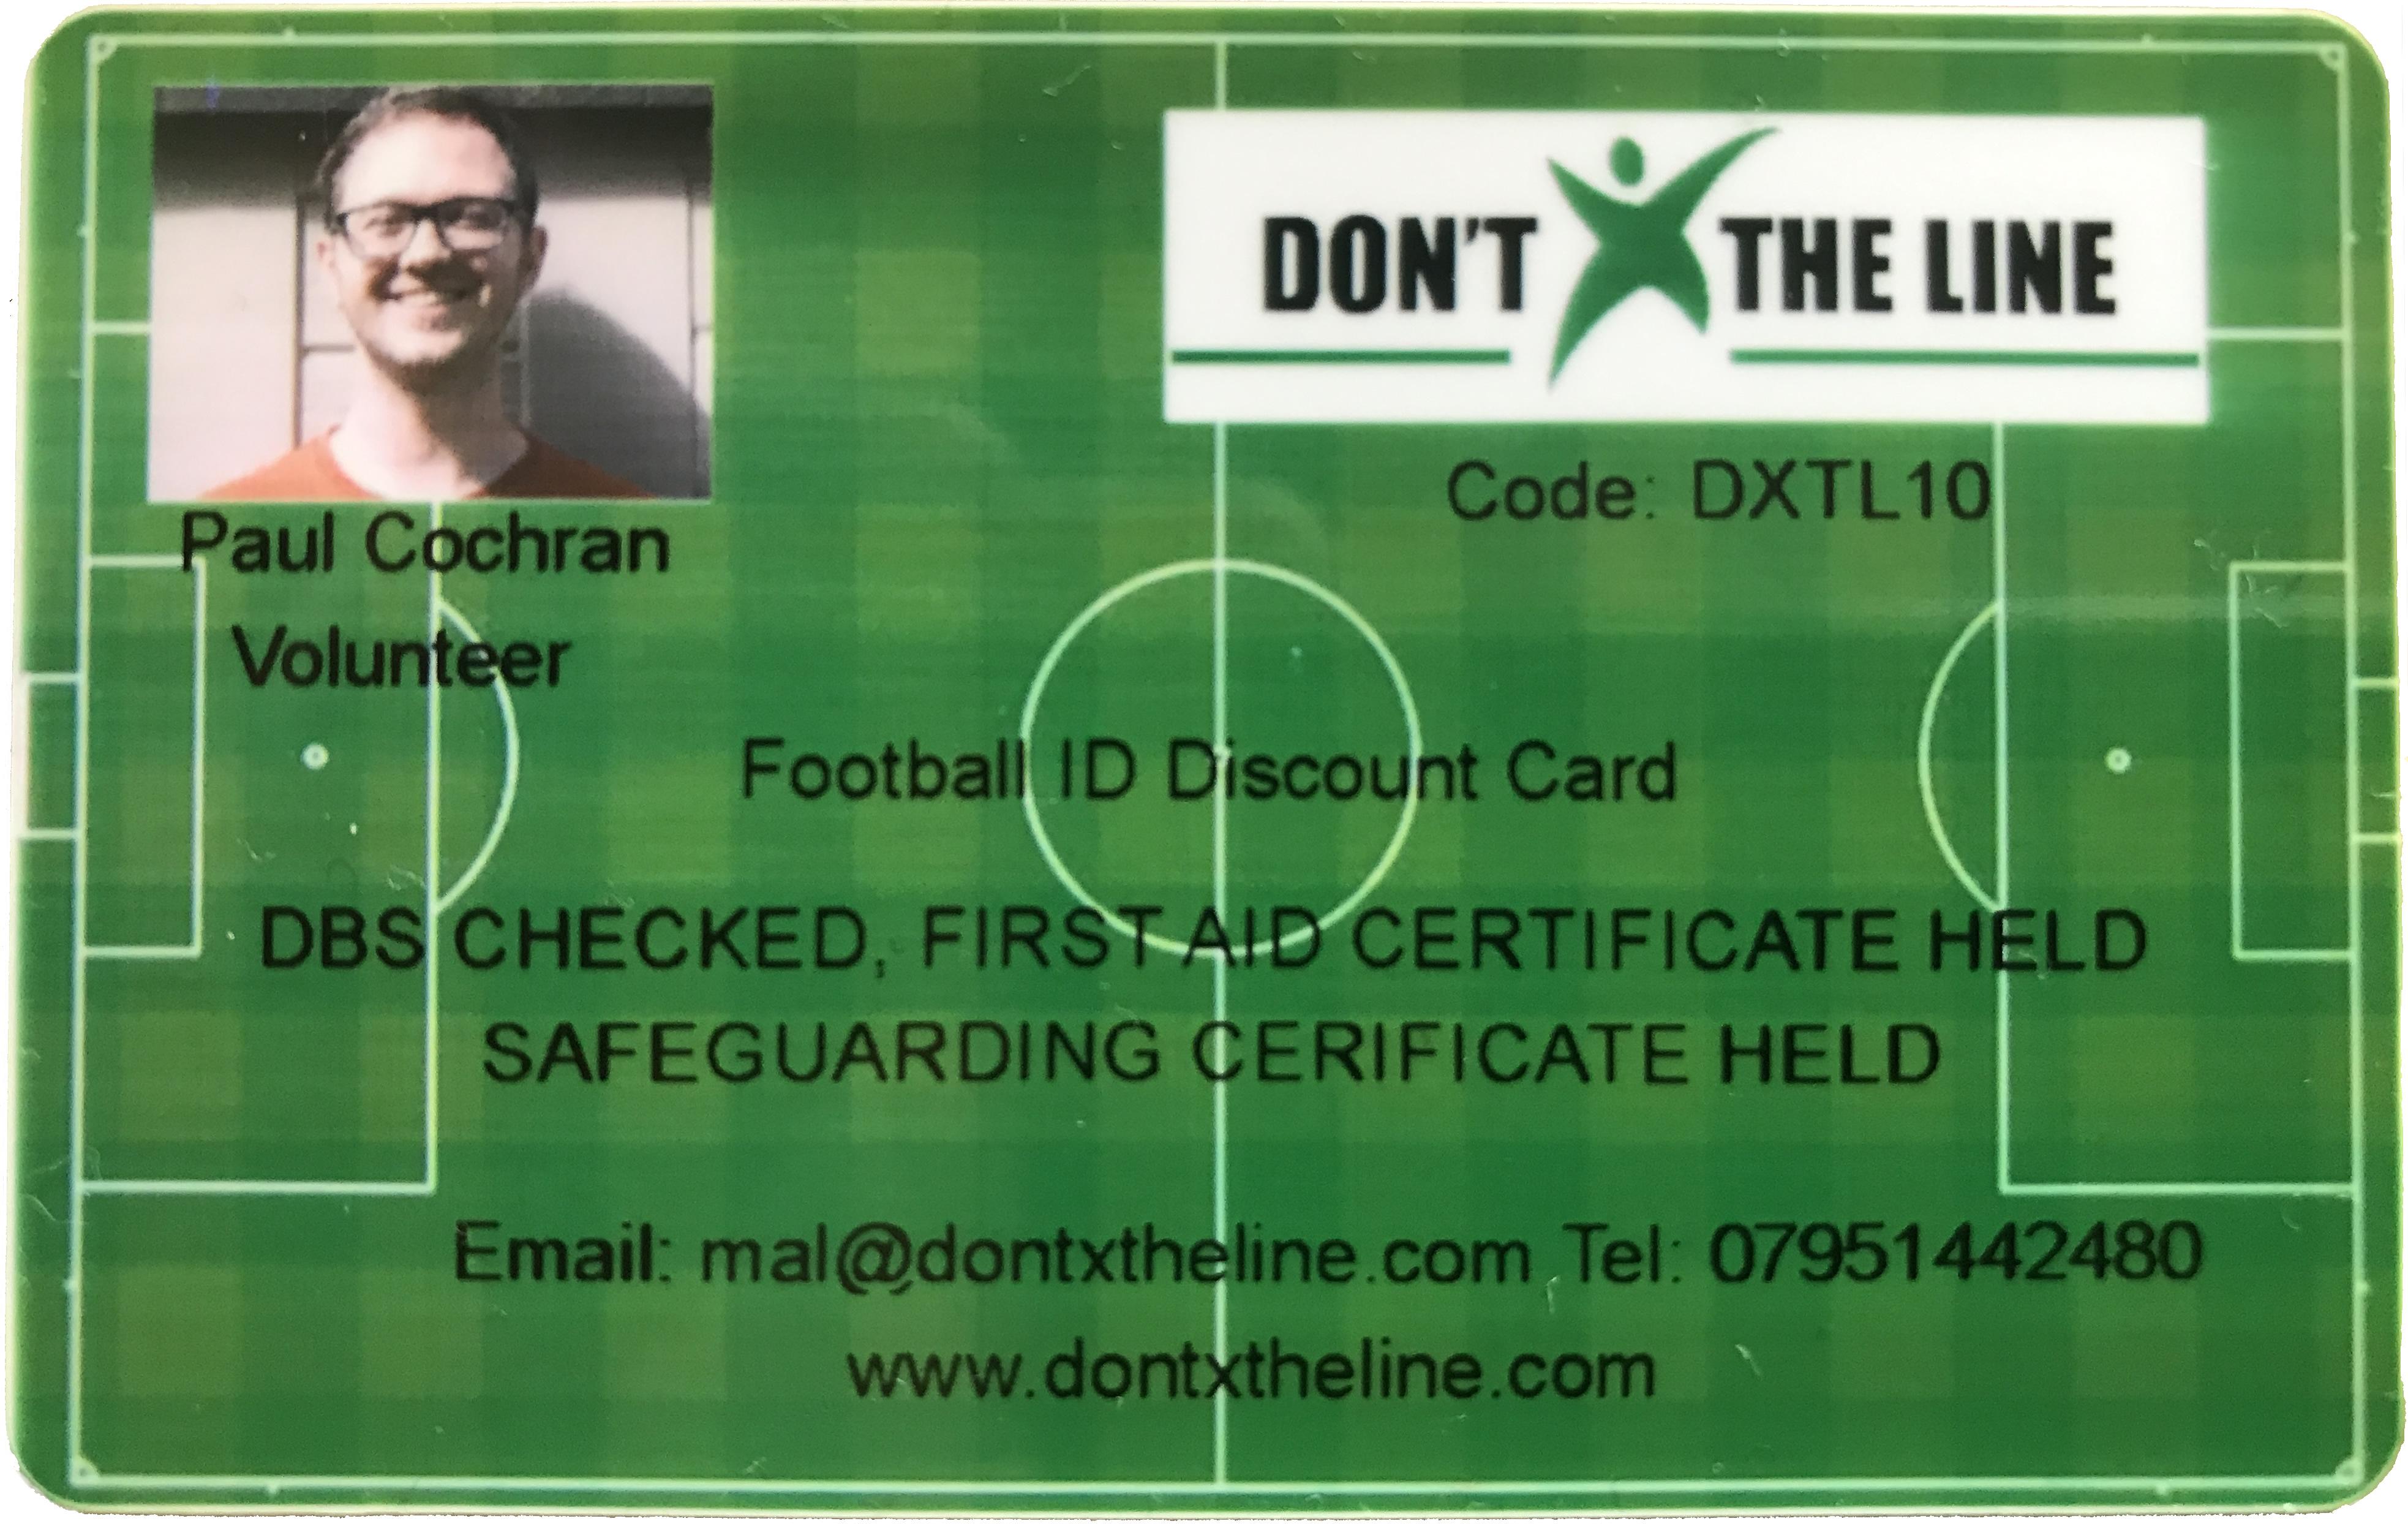 DXTL ID card